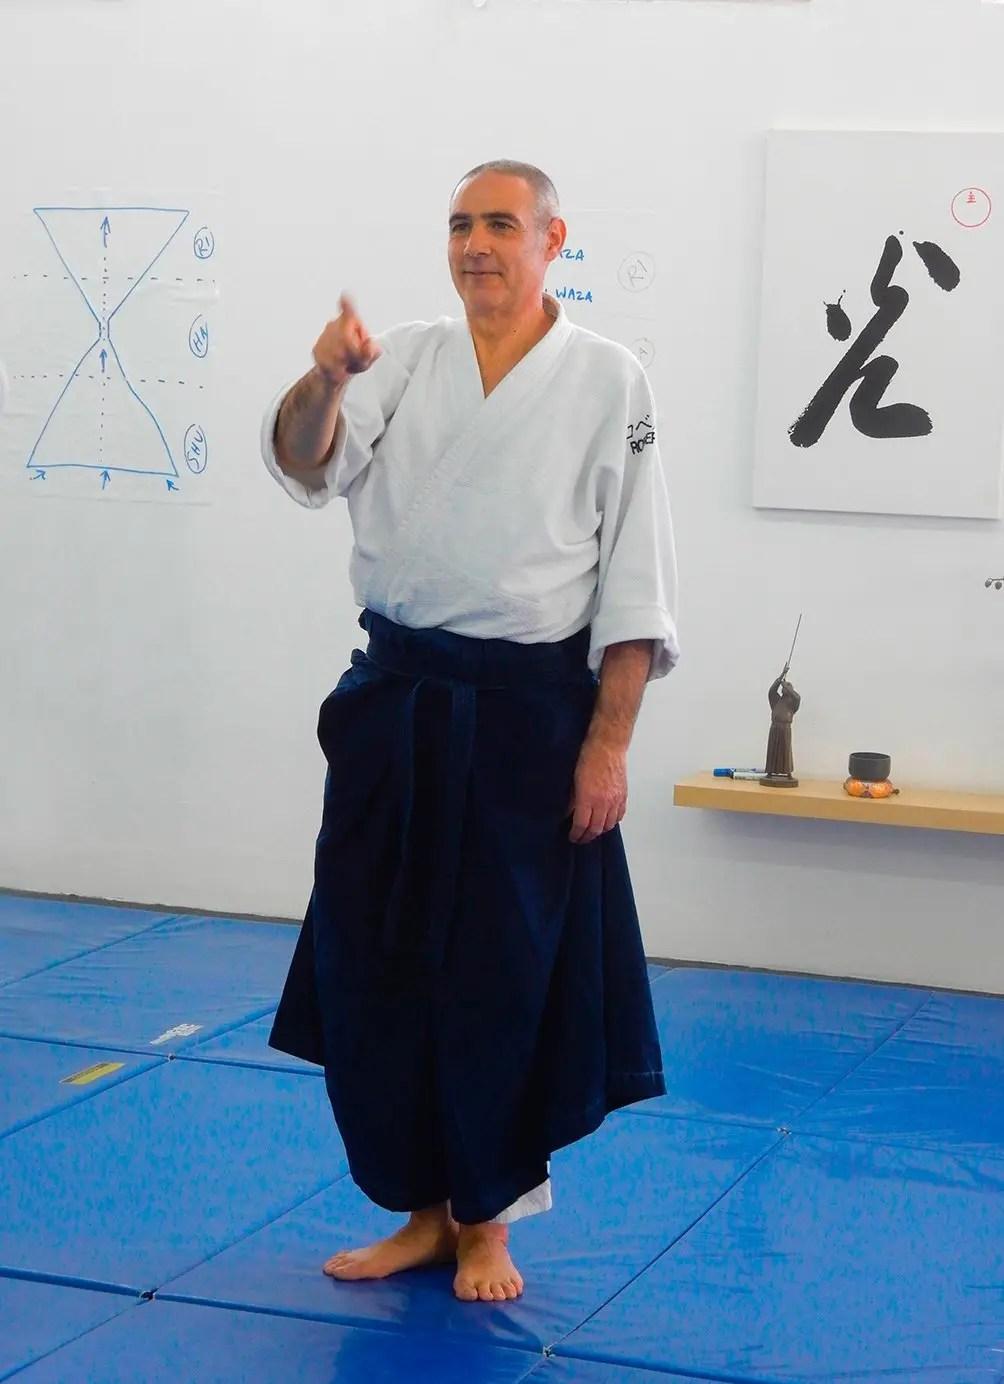 Ripresa Corsi Aikido, Corsi Aikido, Aiki No Kokoro Boves, Scuola di Aikido Cuneo, Corsi Aikido Boves, Corsi Aikido Cuneo